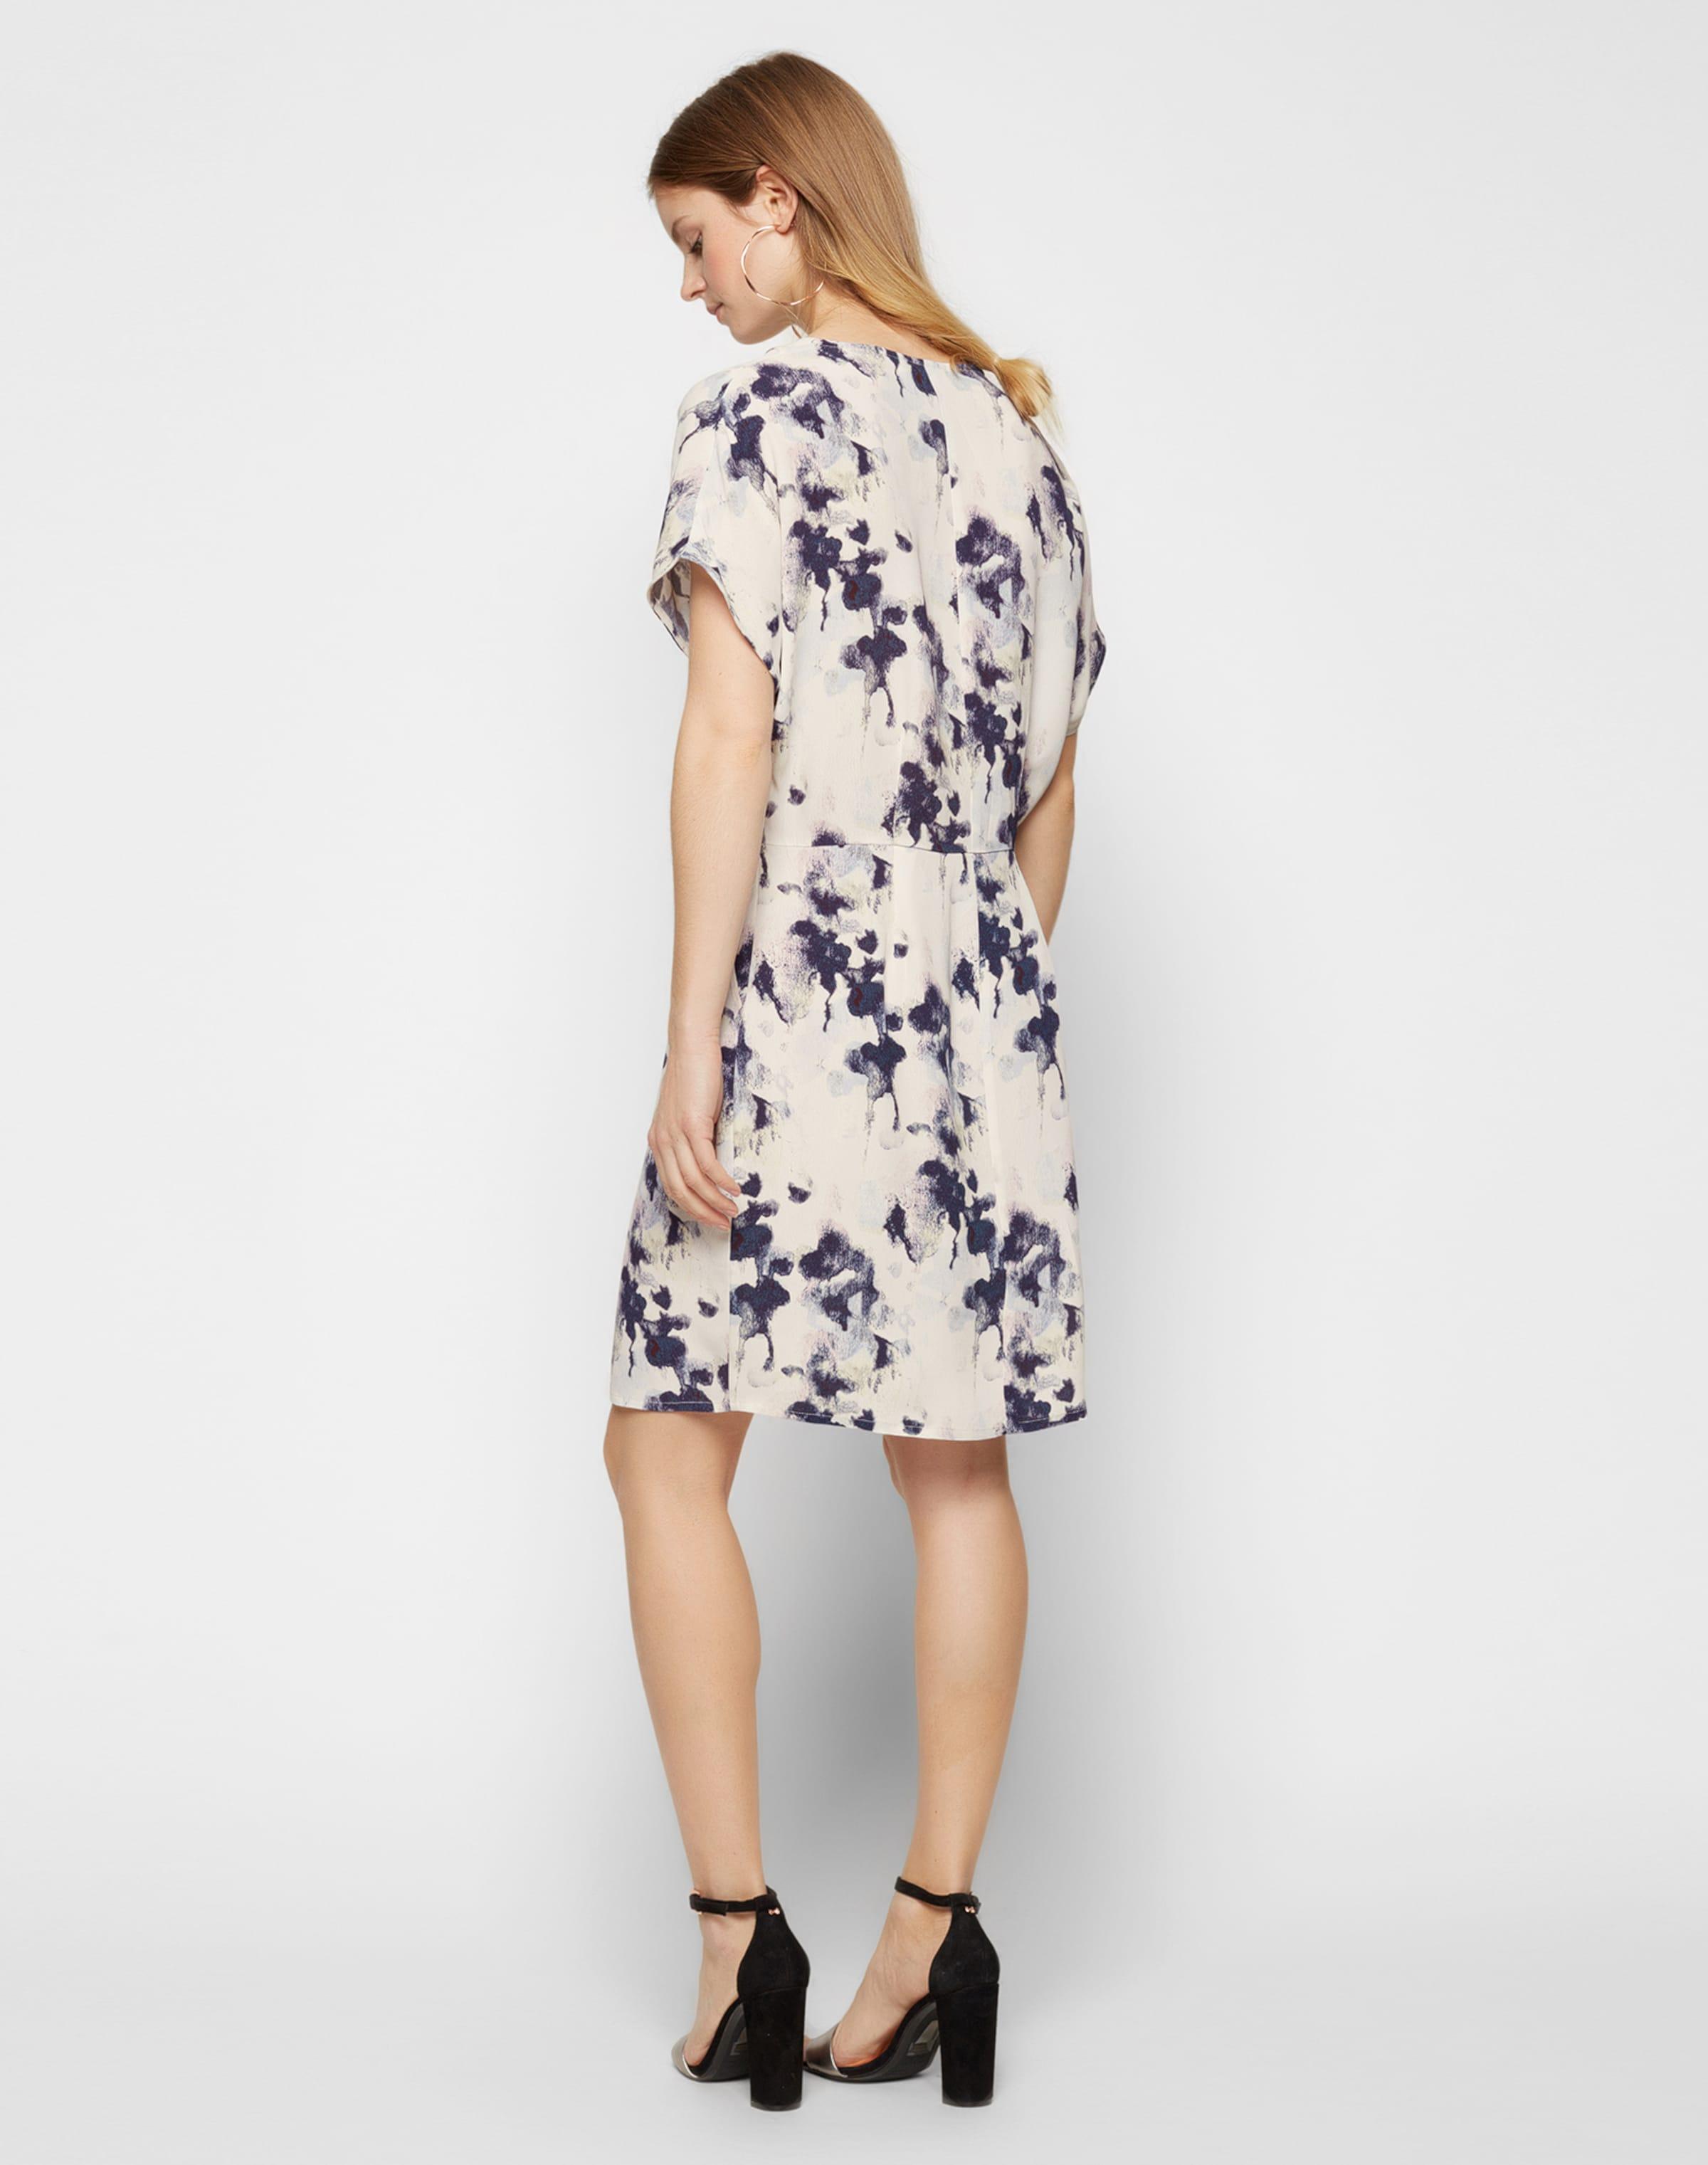 mbym Kleid 'Mezo' Spielraum Angebote Spielraum Günstig Online Echt Kaufen Billige Angebote Rabatte P3EsR